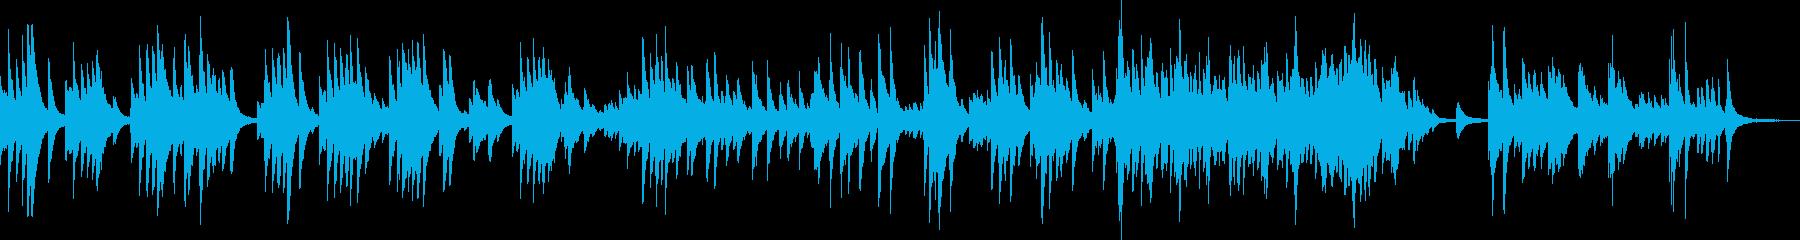 悲しいピアノBGM(切ない・かっこいい)の再生済みの波形